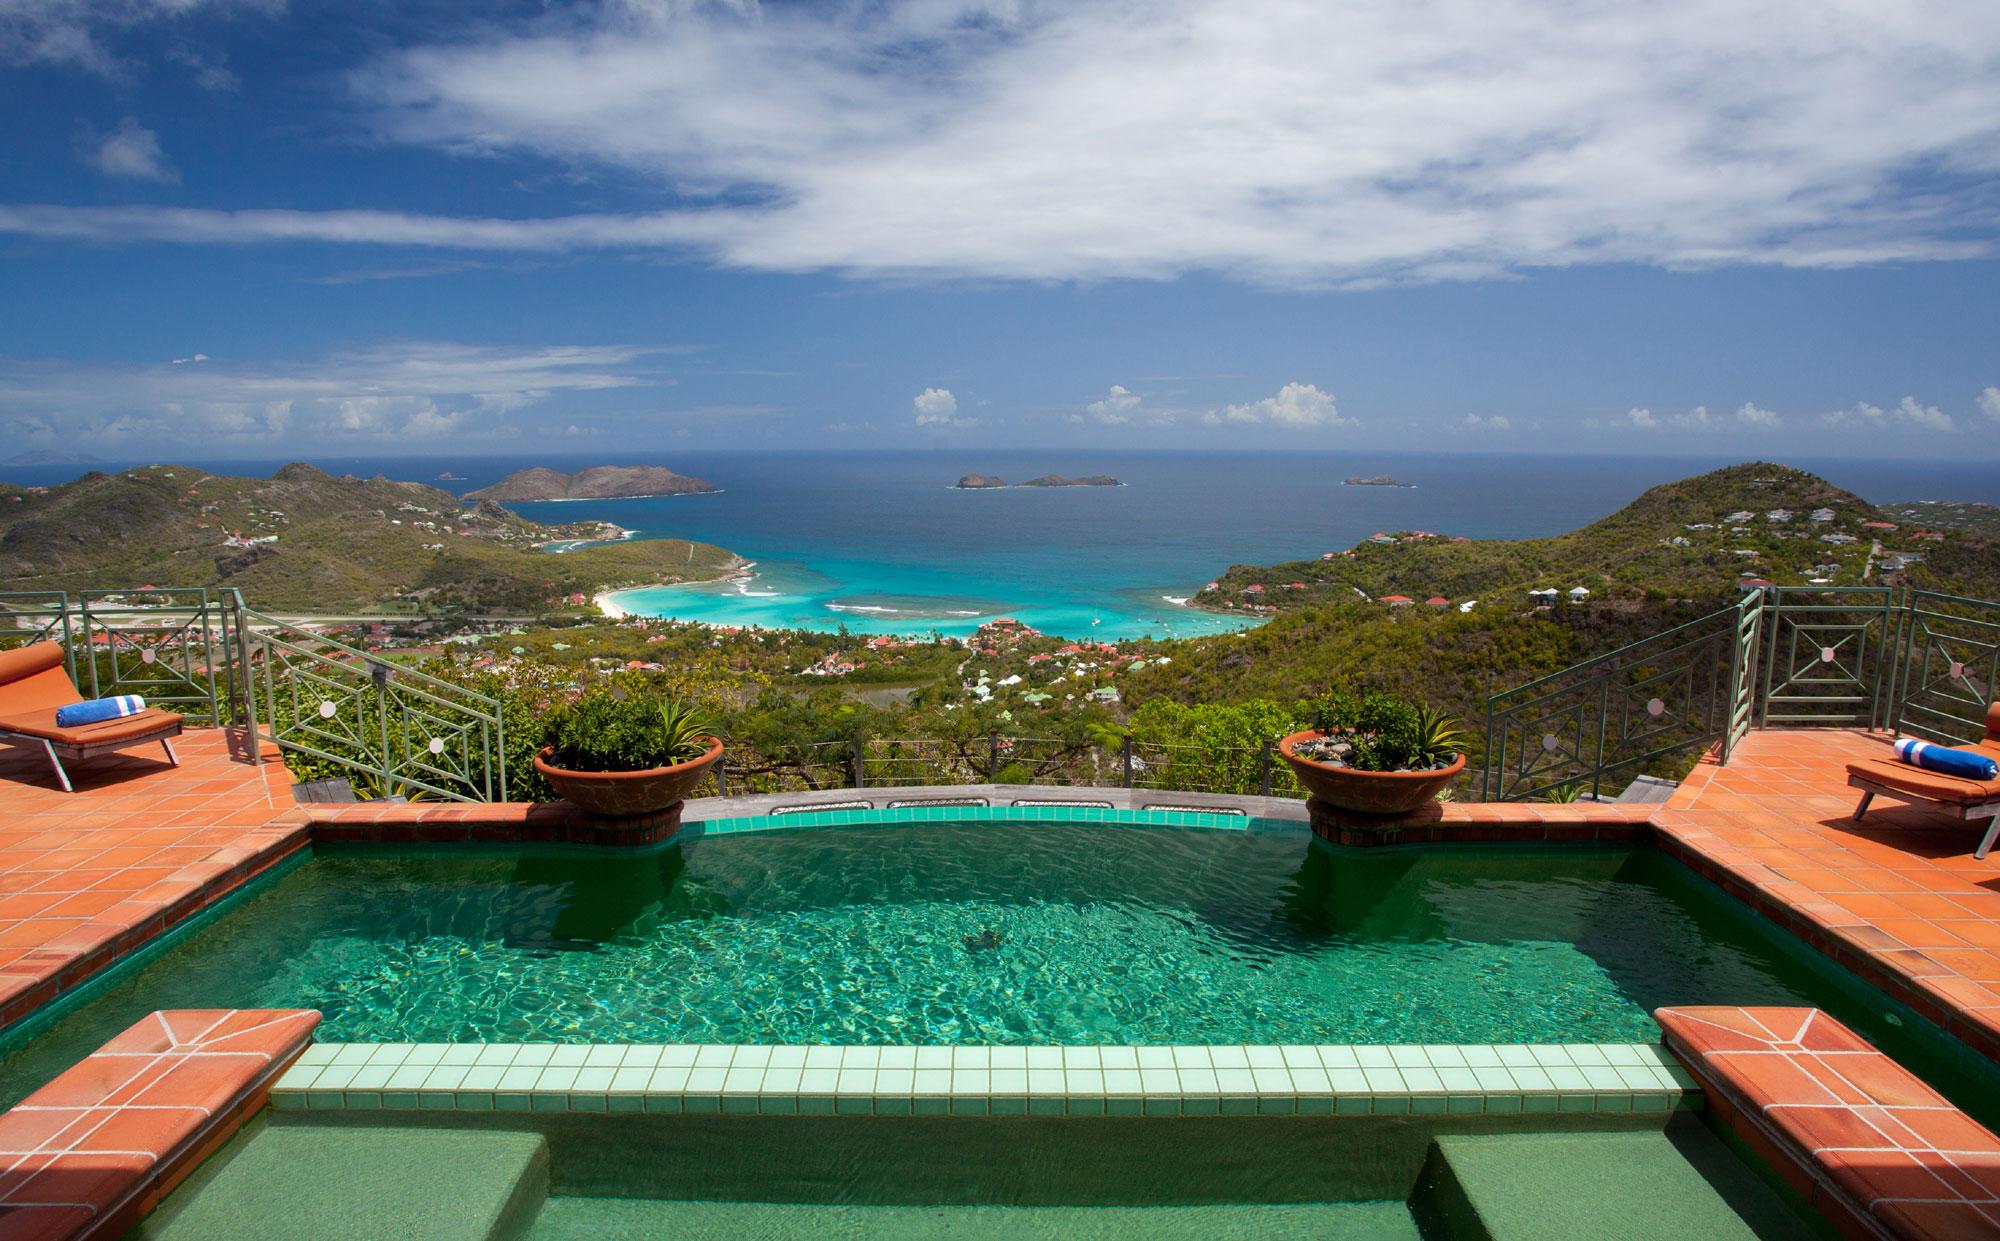 Villa Au Soleil, St Barts, French West Indies